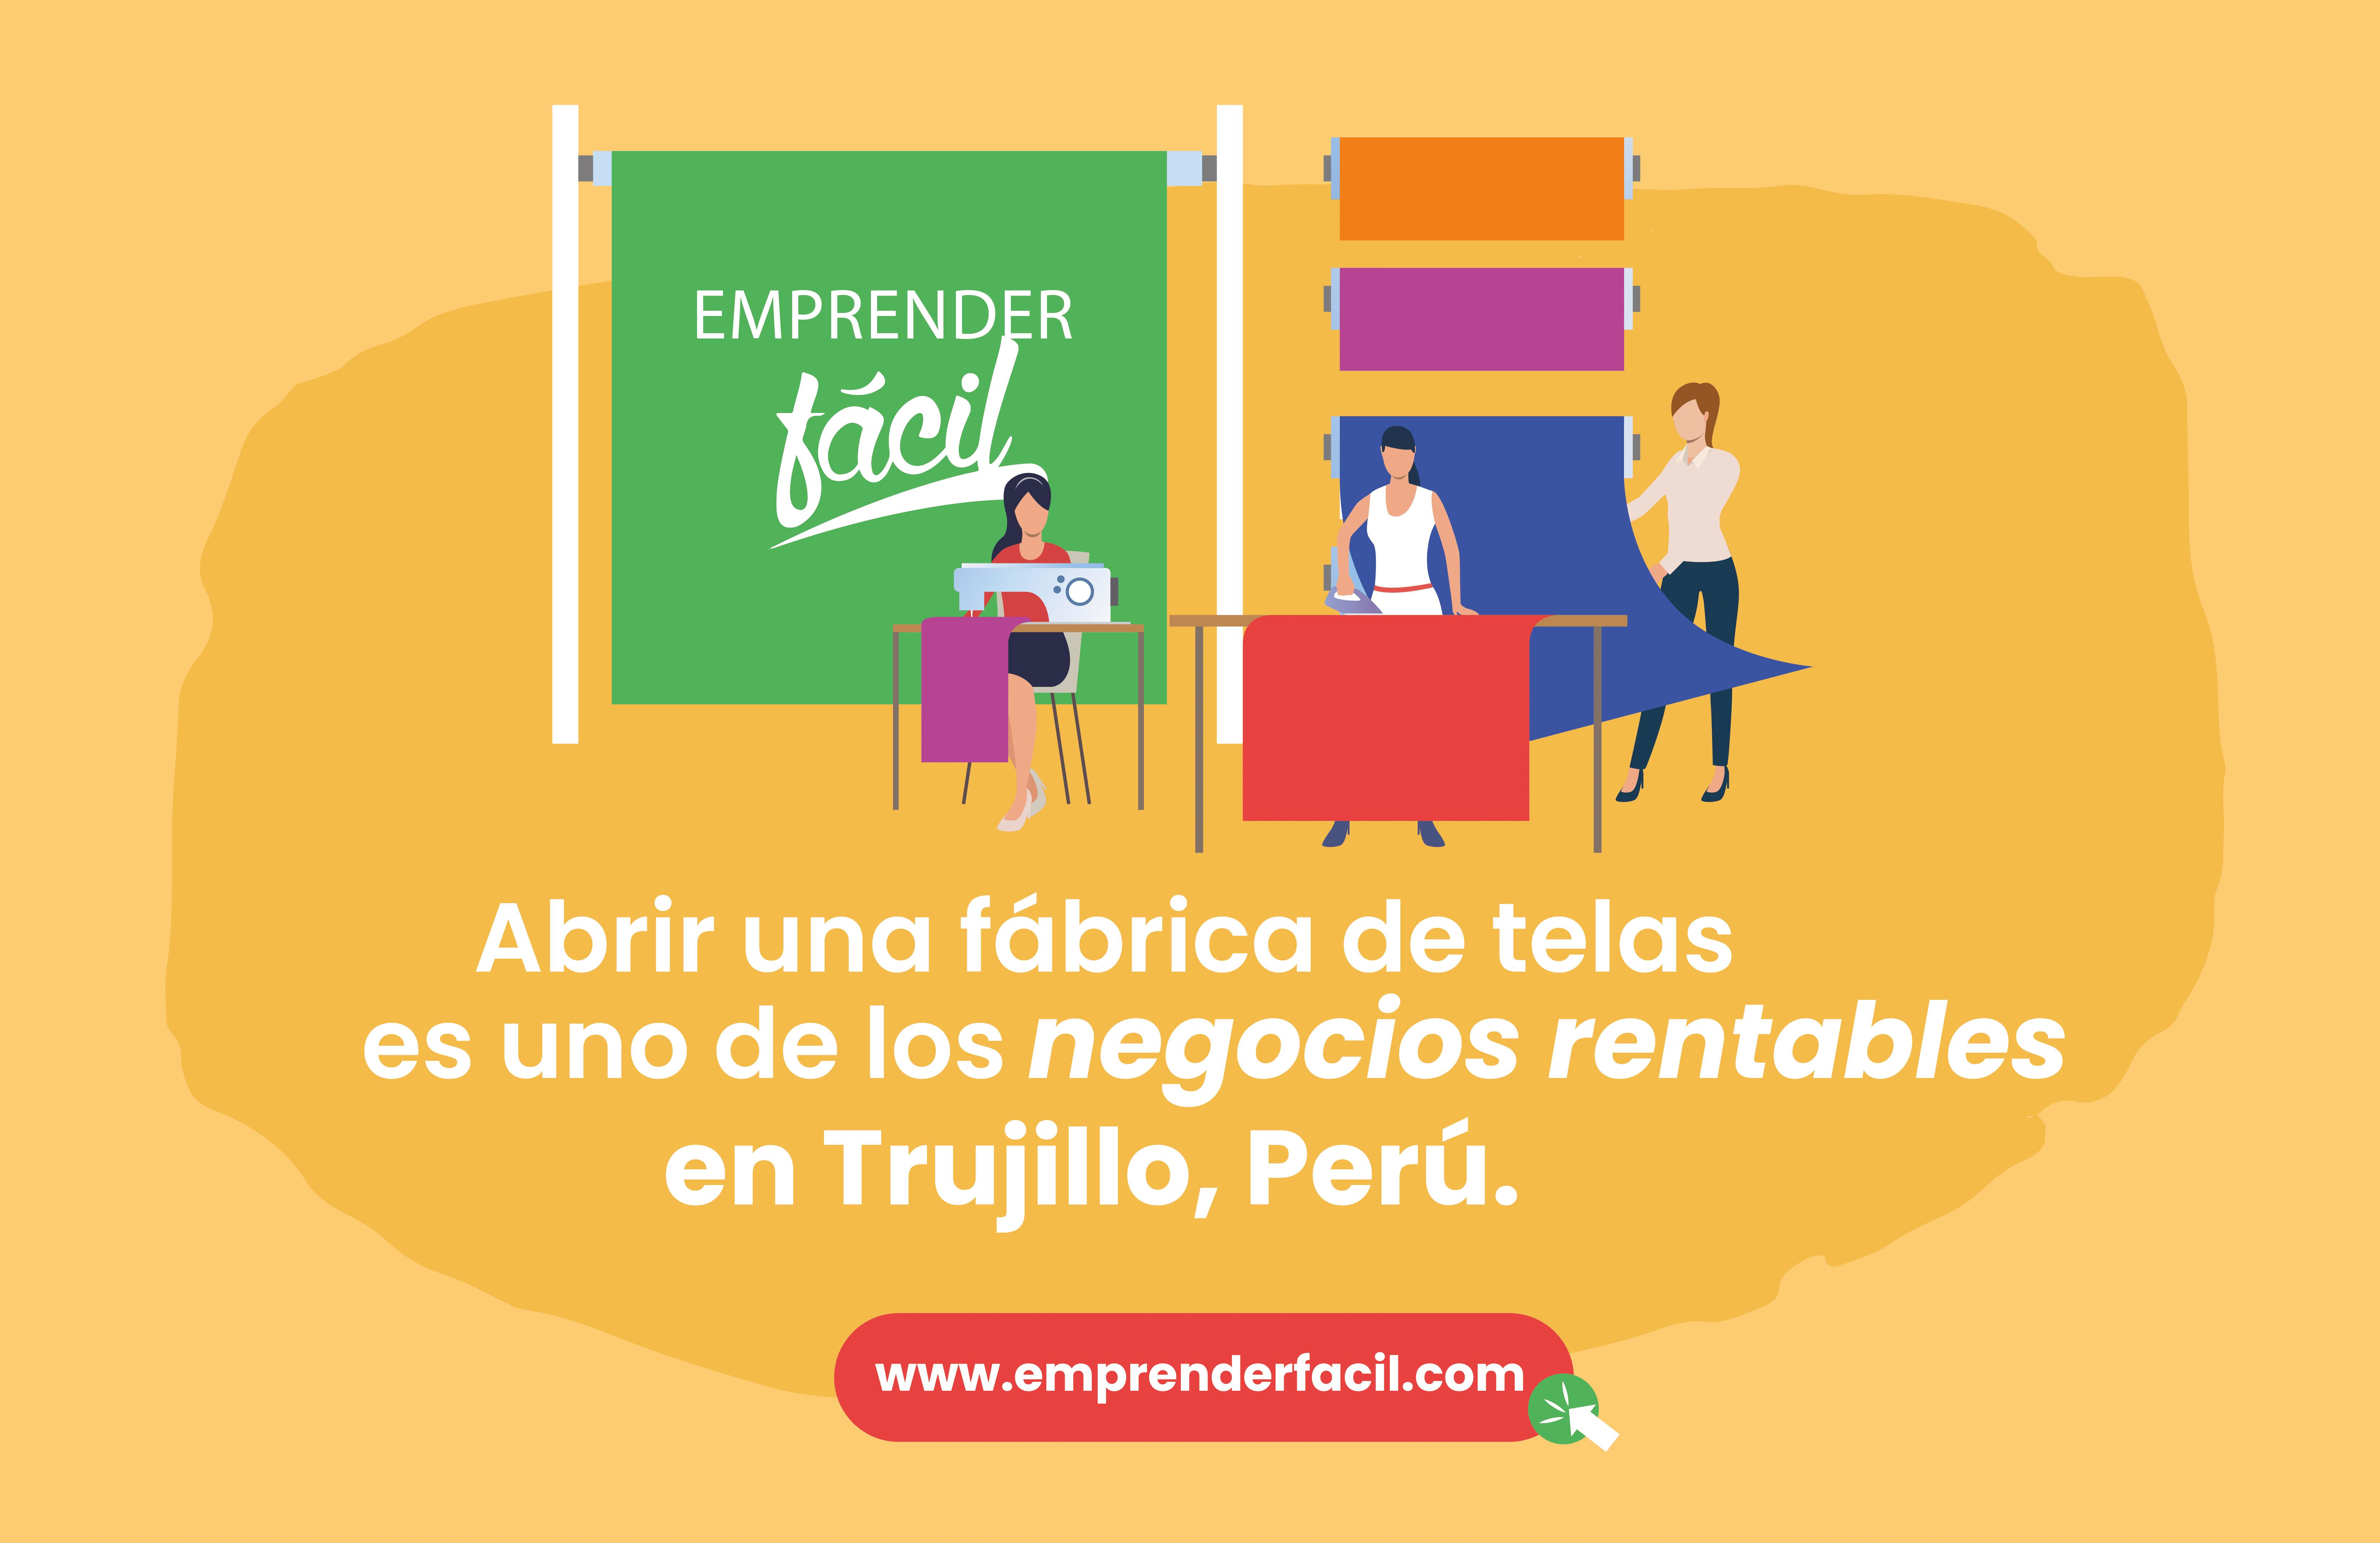 Abrir una fábrica de telas es uno de los negocios rentables en Trujillo, Perú.